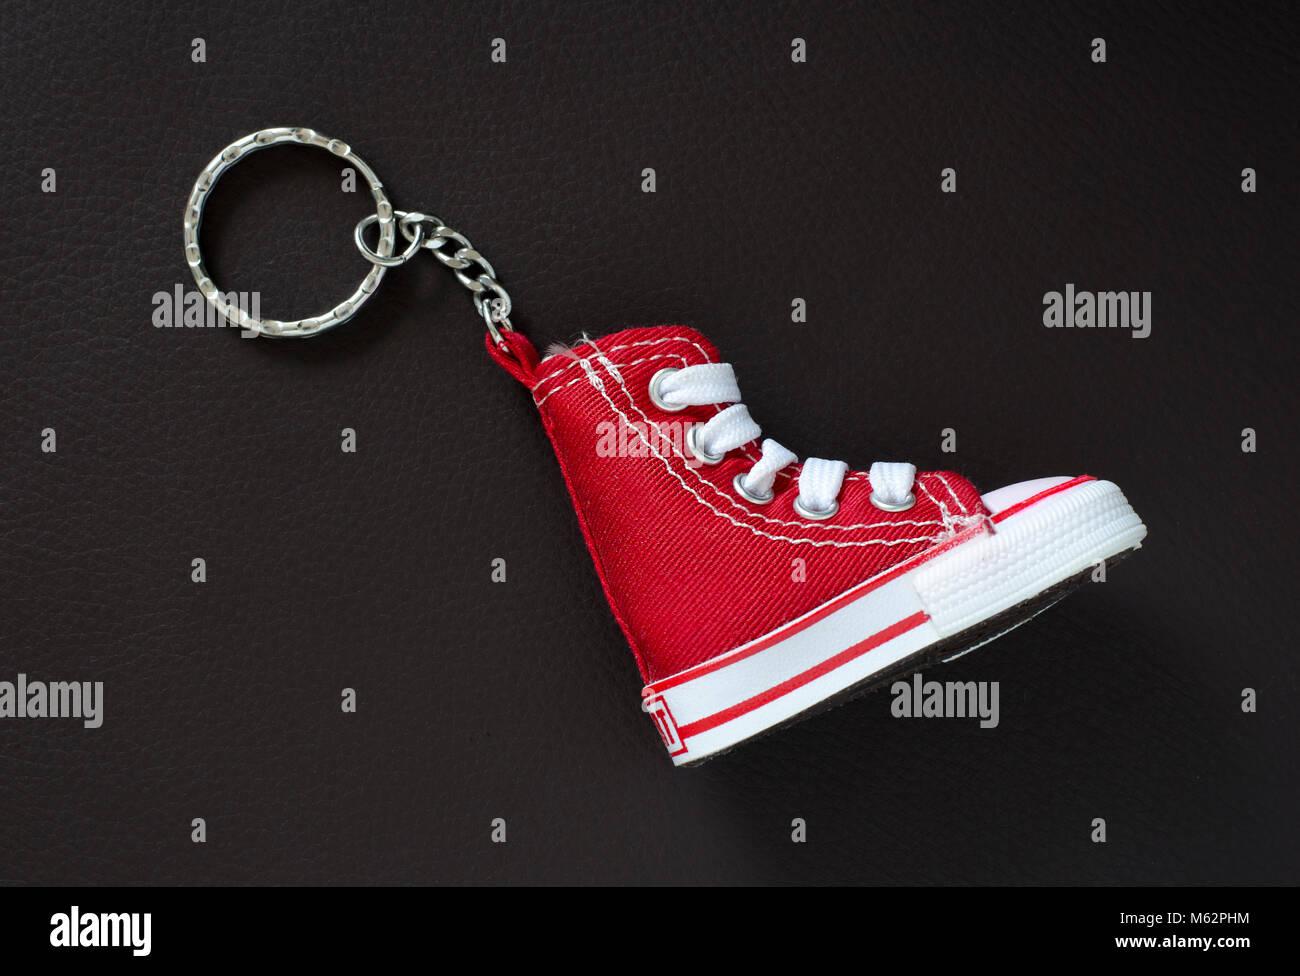 Portachiavi con mini scarpa da basket sul tampone in pelle Immagini Stock